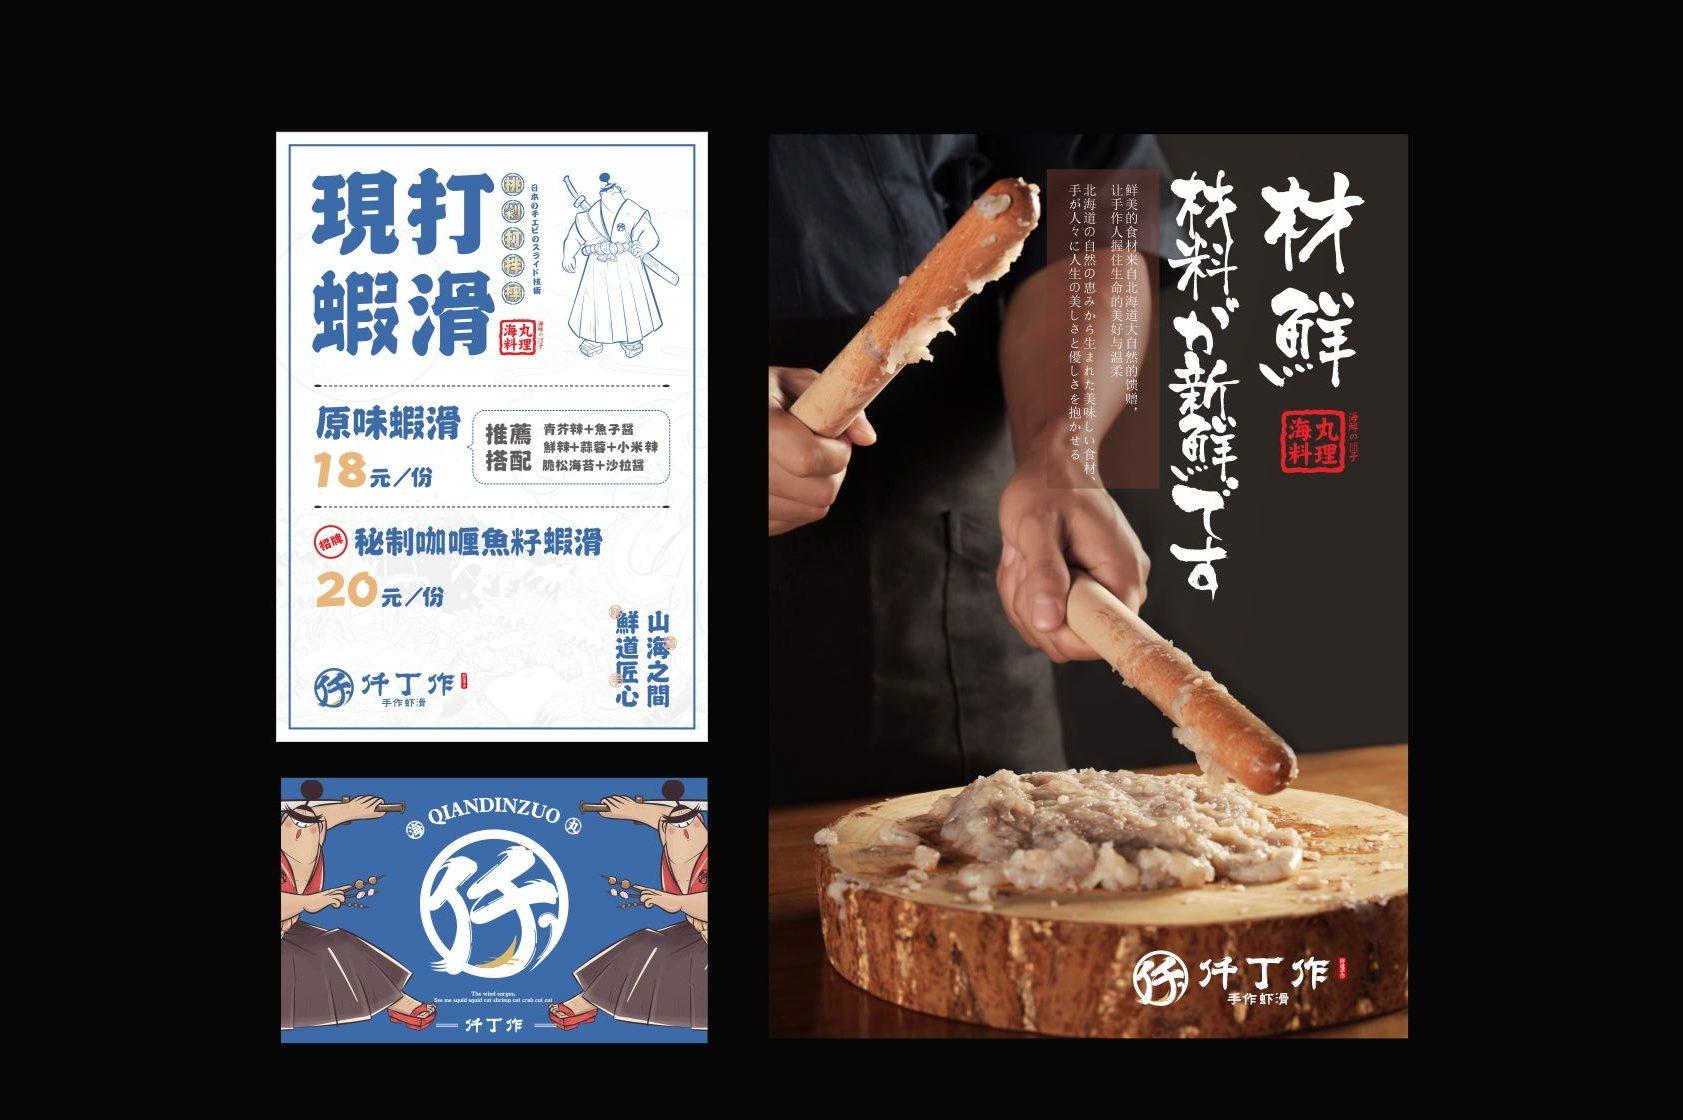 海报 | 仟丁作,打出来的虾,鲜~